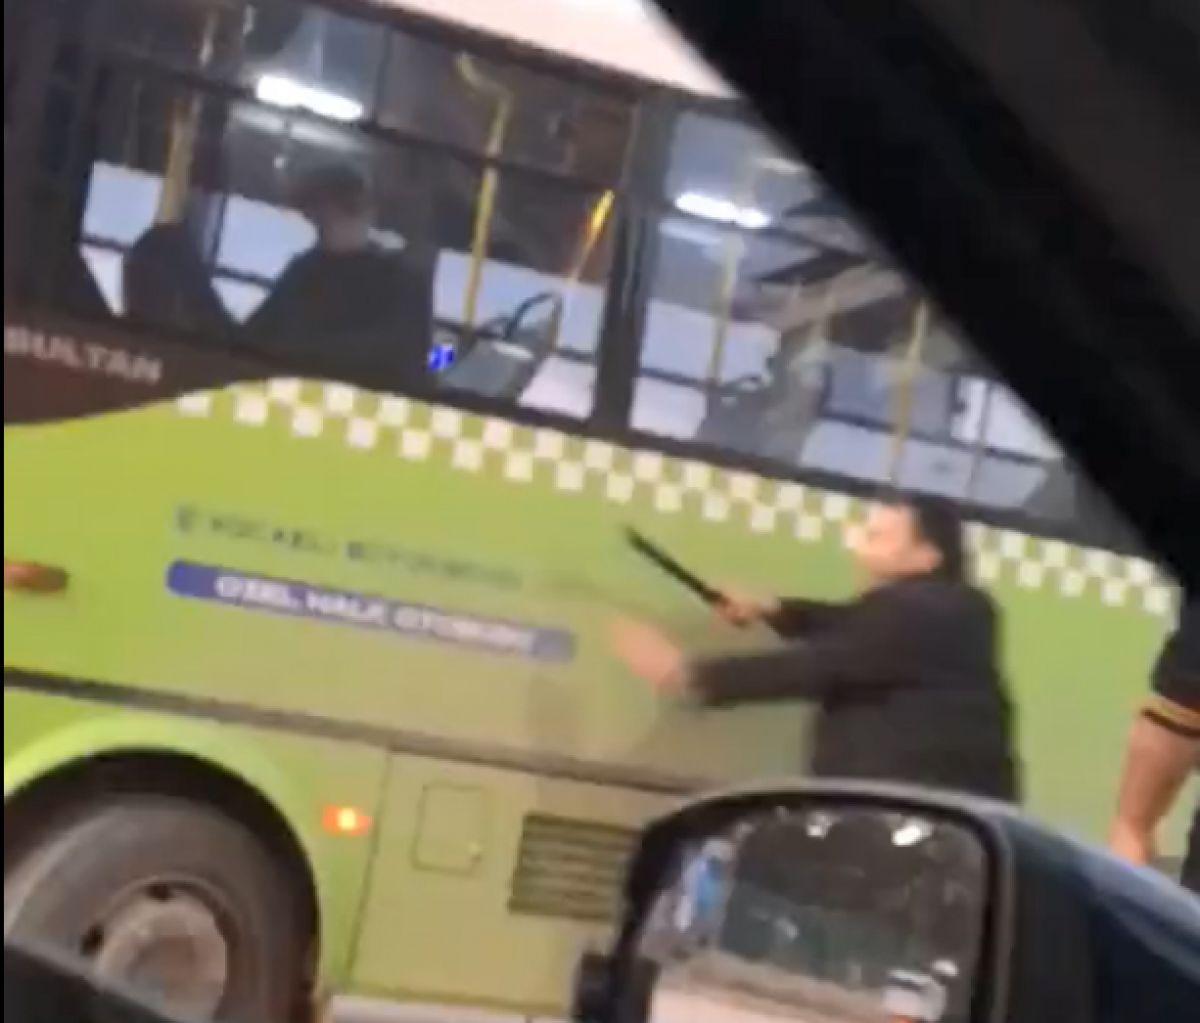 Kocaeli de halk otobüsü şoförüne copla saldırdı #1